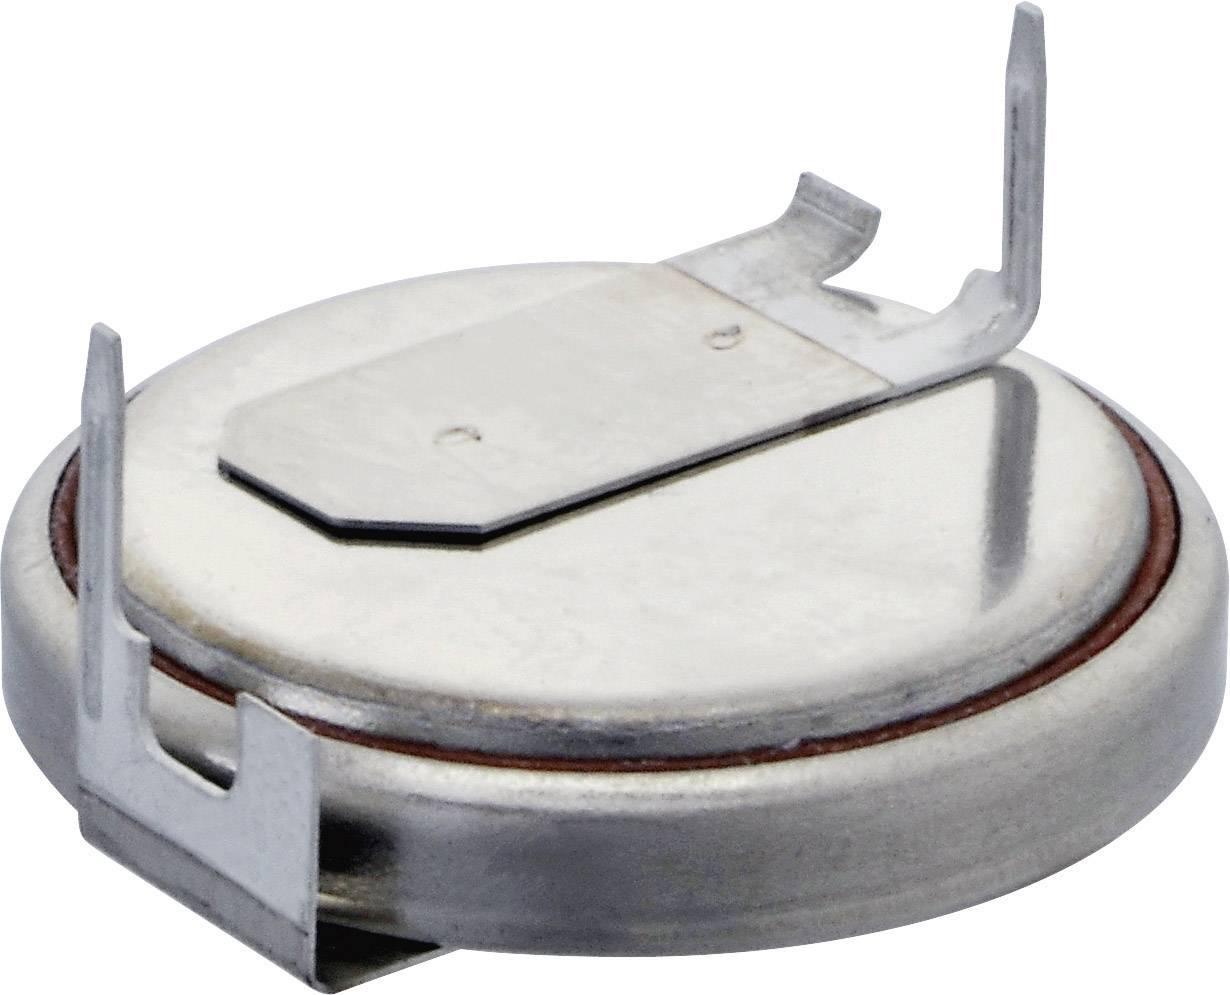 Gombíková batéria Renata CR1632 FH1.LF, so spájkovacími kontaktami